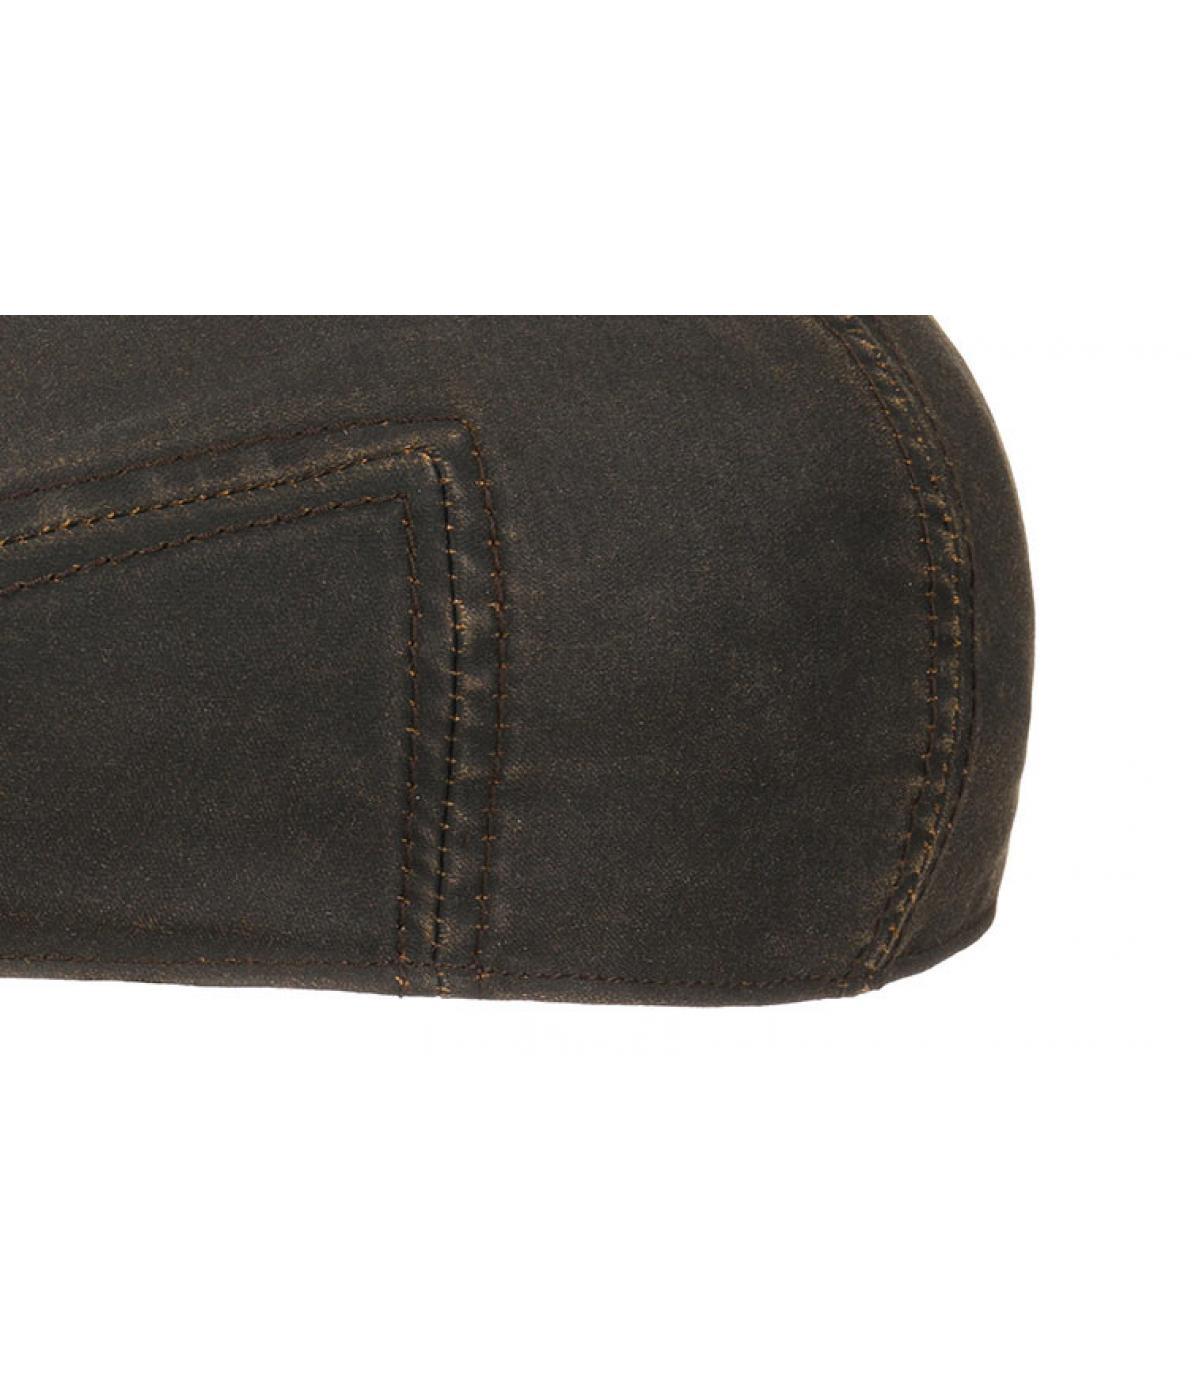 Dettagli Driver cap dark brown - image 3